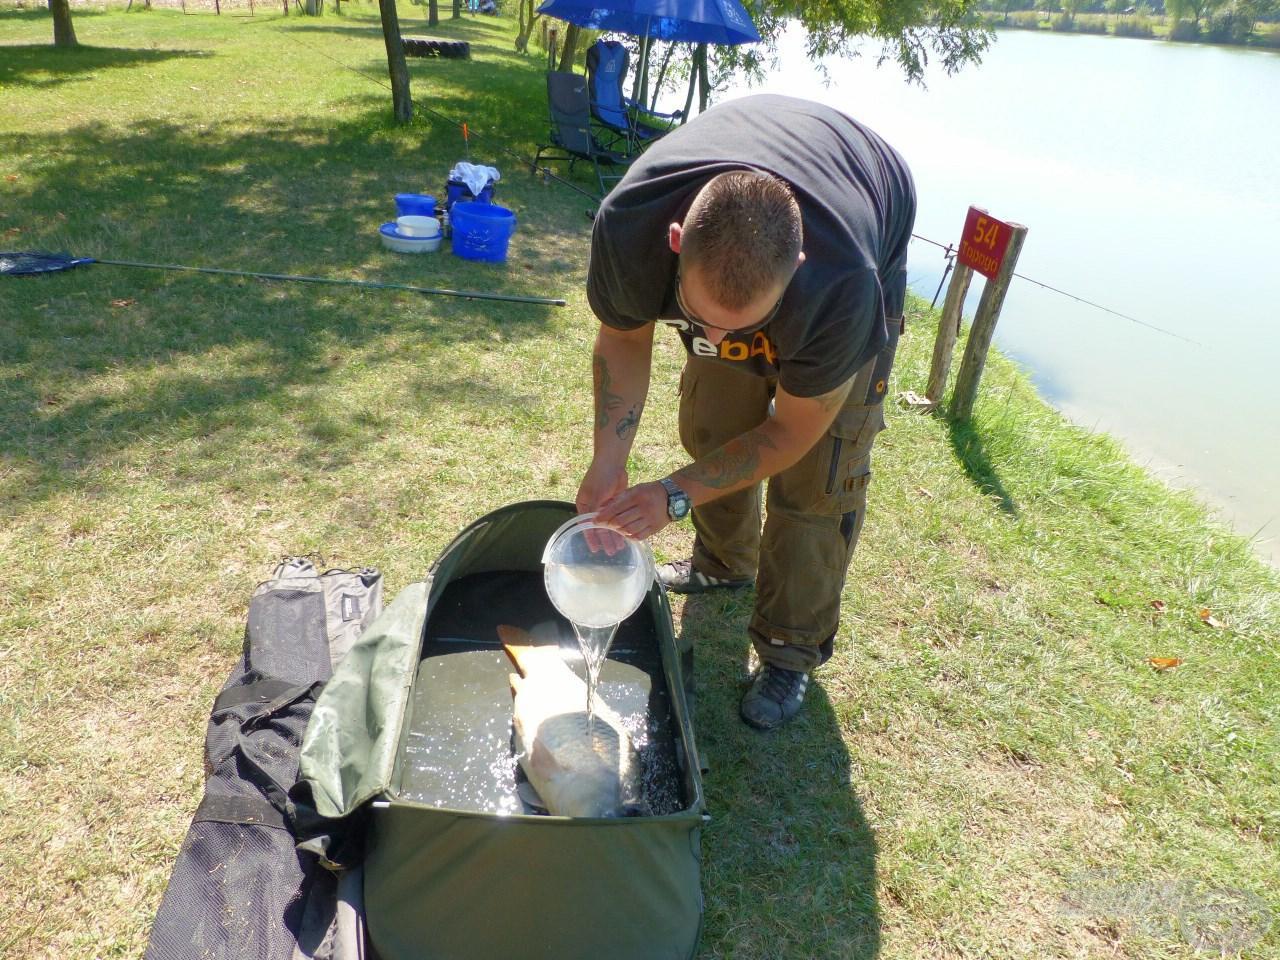 Mindig ügyeljünk rá, főleg, ha nagyon meleg van, hogy a halat folyamatosan locsoljuk, és a matrac is vizes legyen!